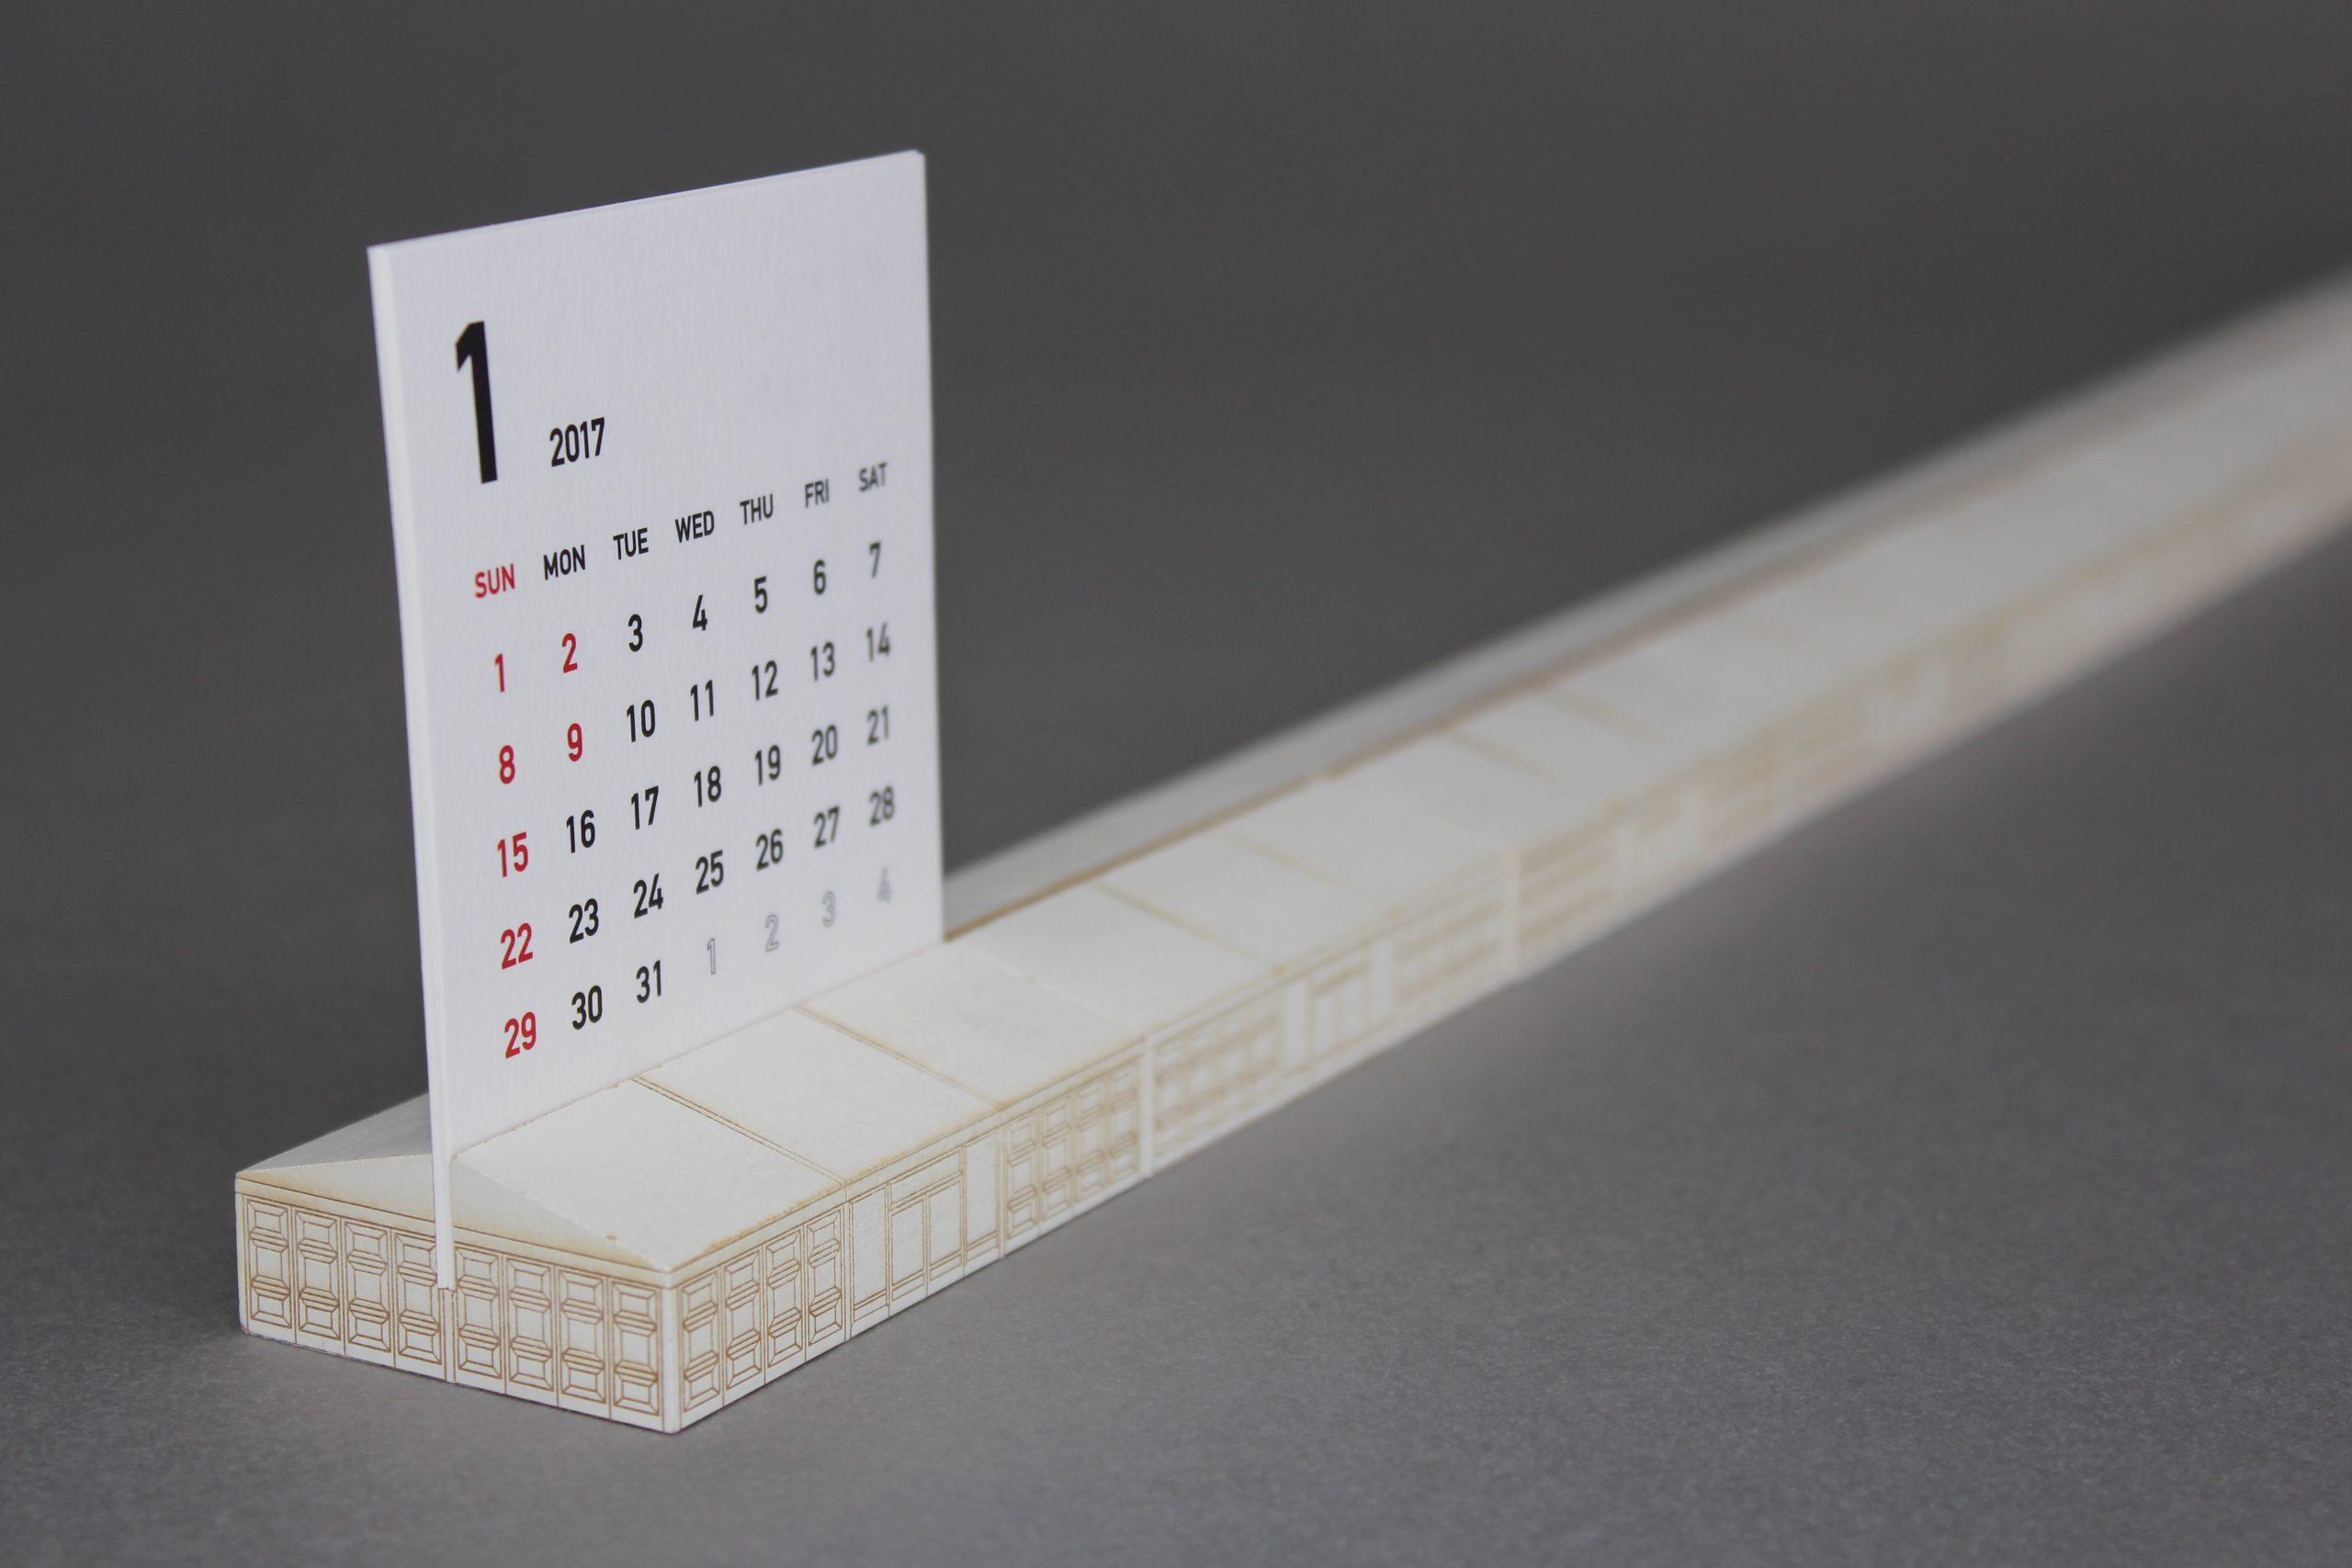 イベント事業部 年末年始ご挨拶営業ツール【カレンダー】